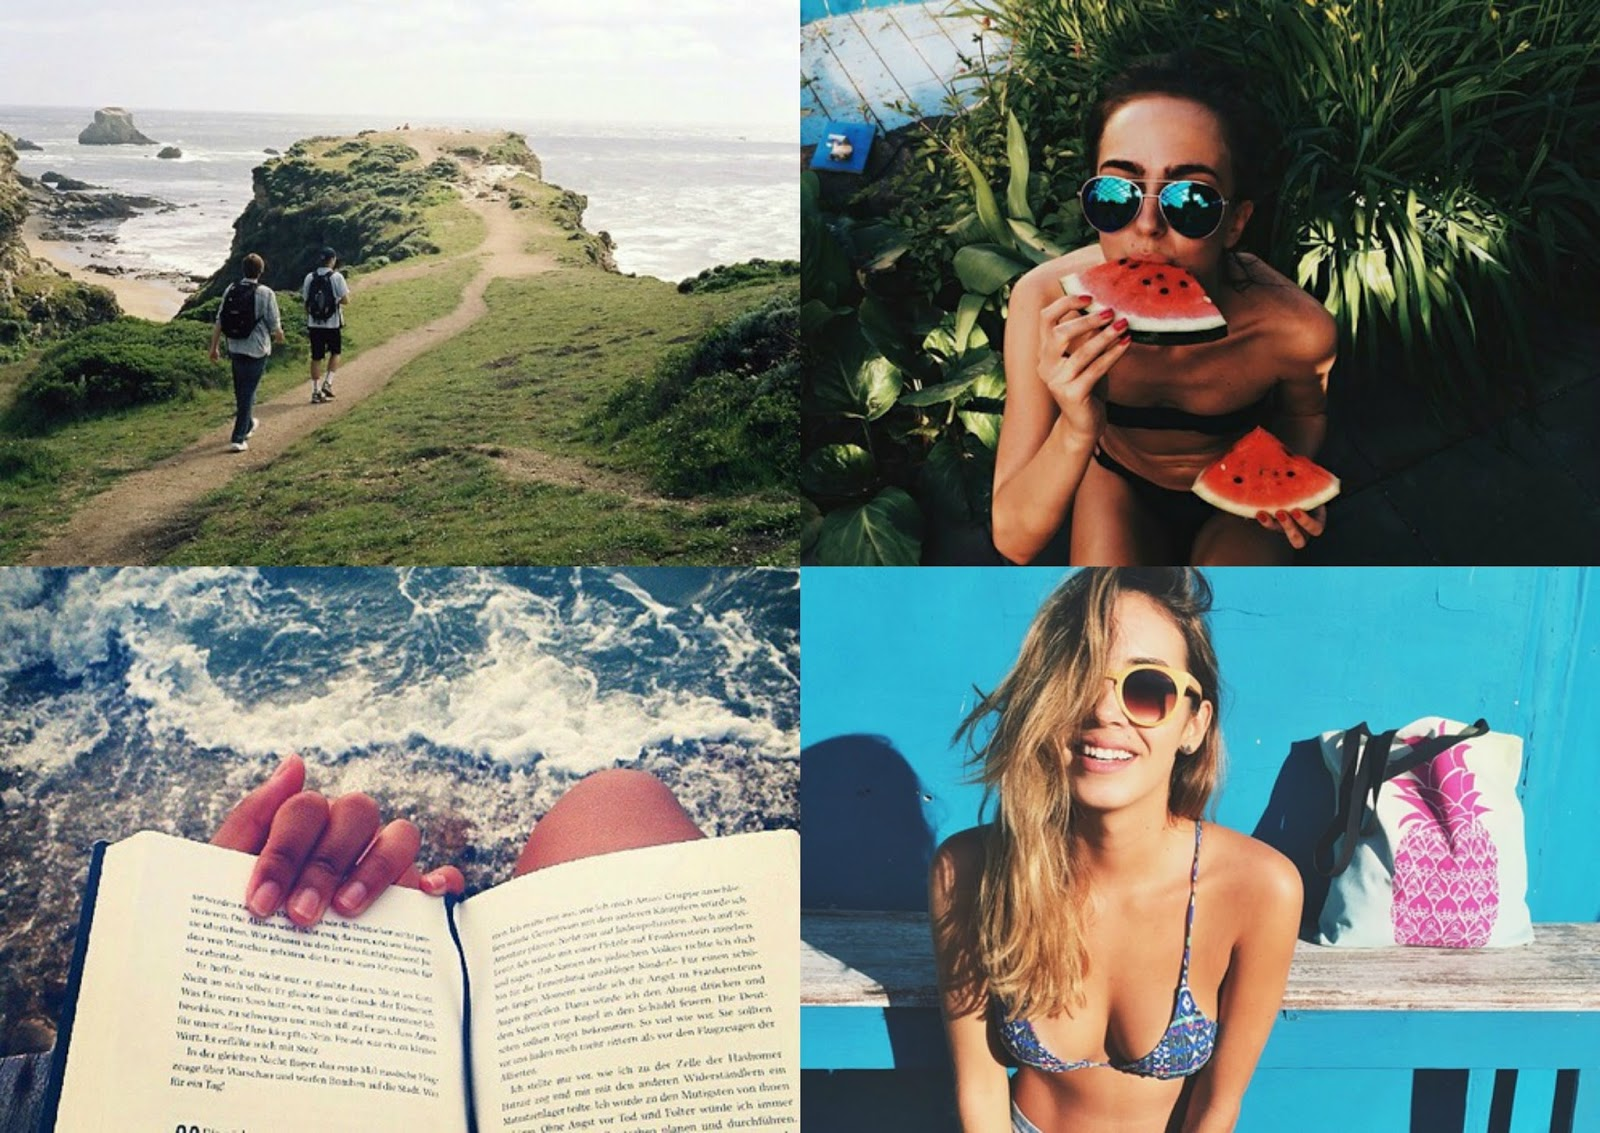 Inspiração para tirar fotos no verão #3